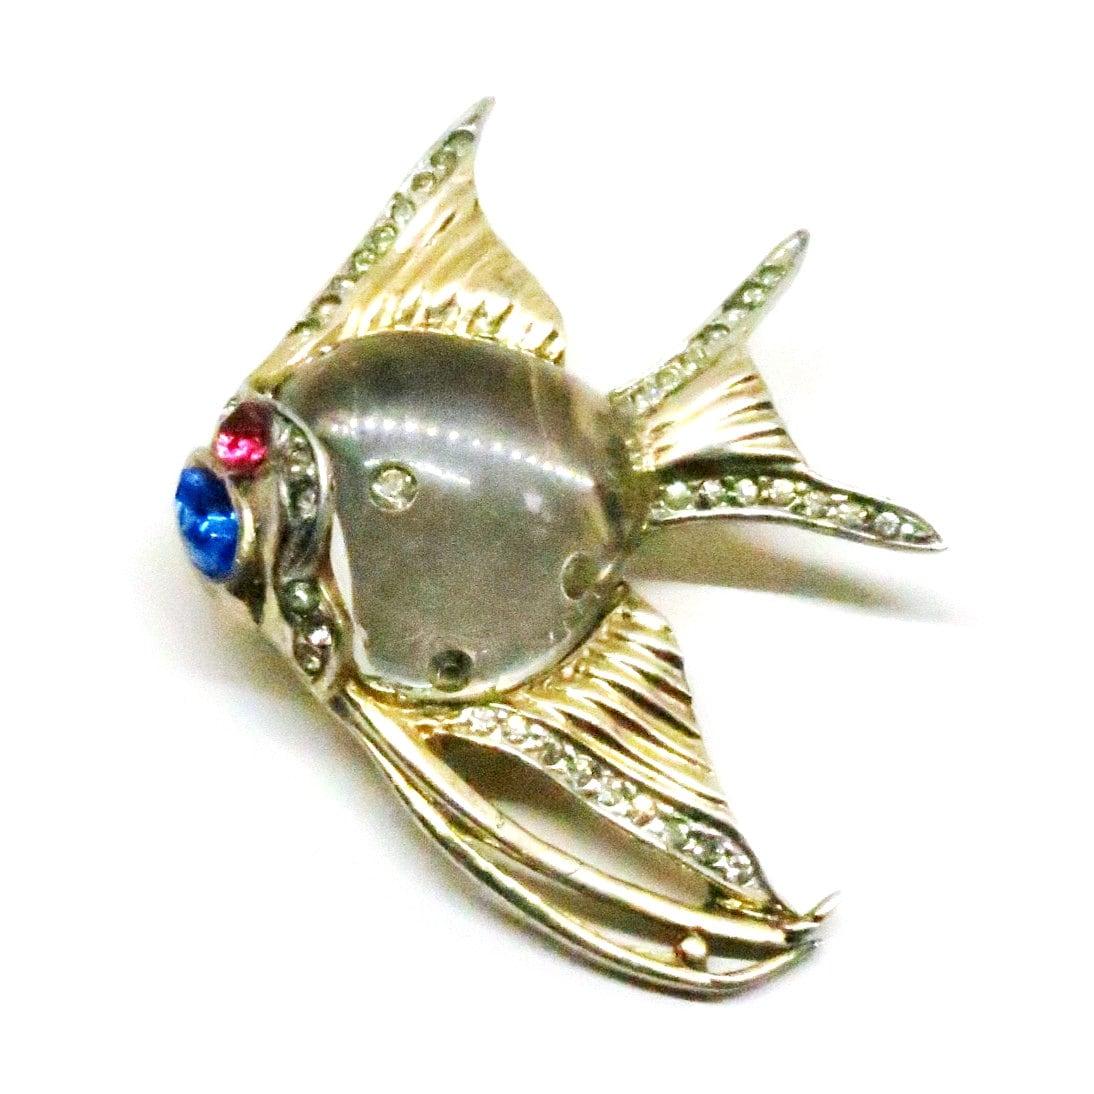 Gelée du ventre ange poisson poisson poisson Fur Clip - Vintage, livre pièce par Adolph Katz, argent Sterling, or plaqué, bleu et strass claires Clip a28d8f